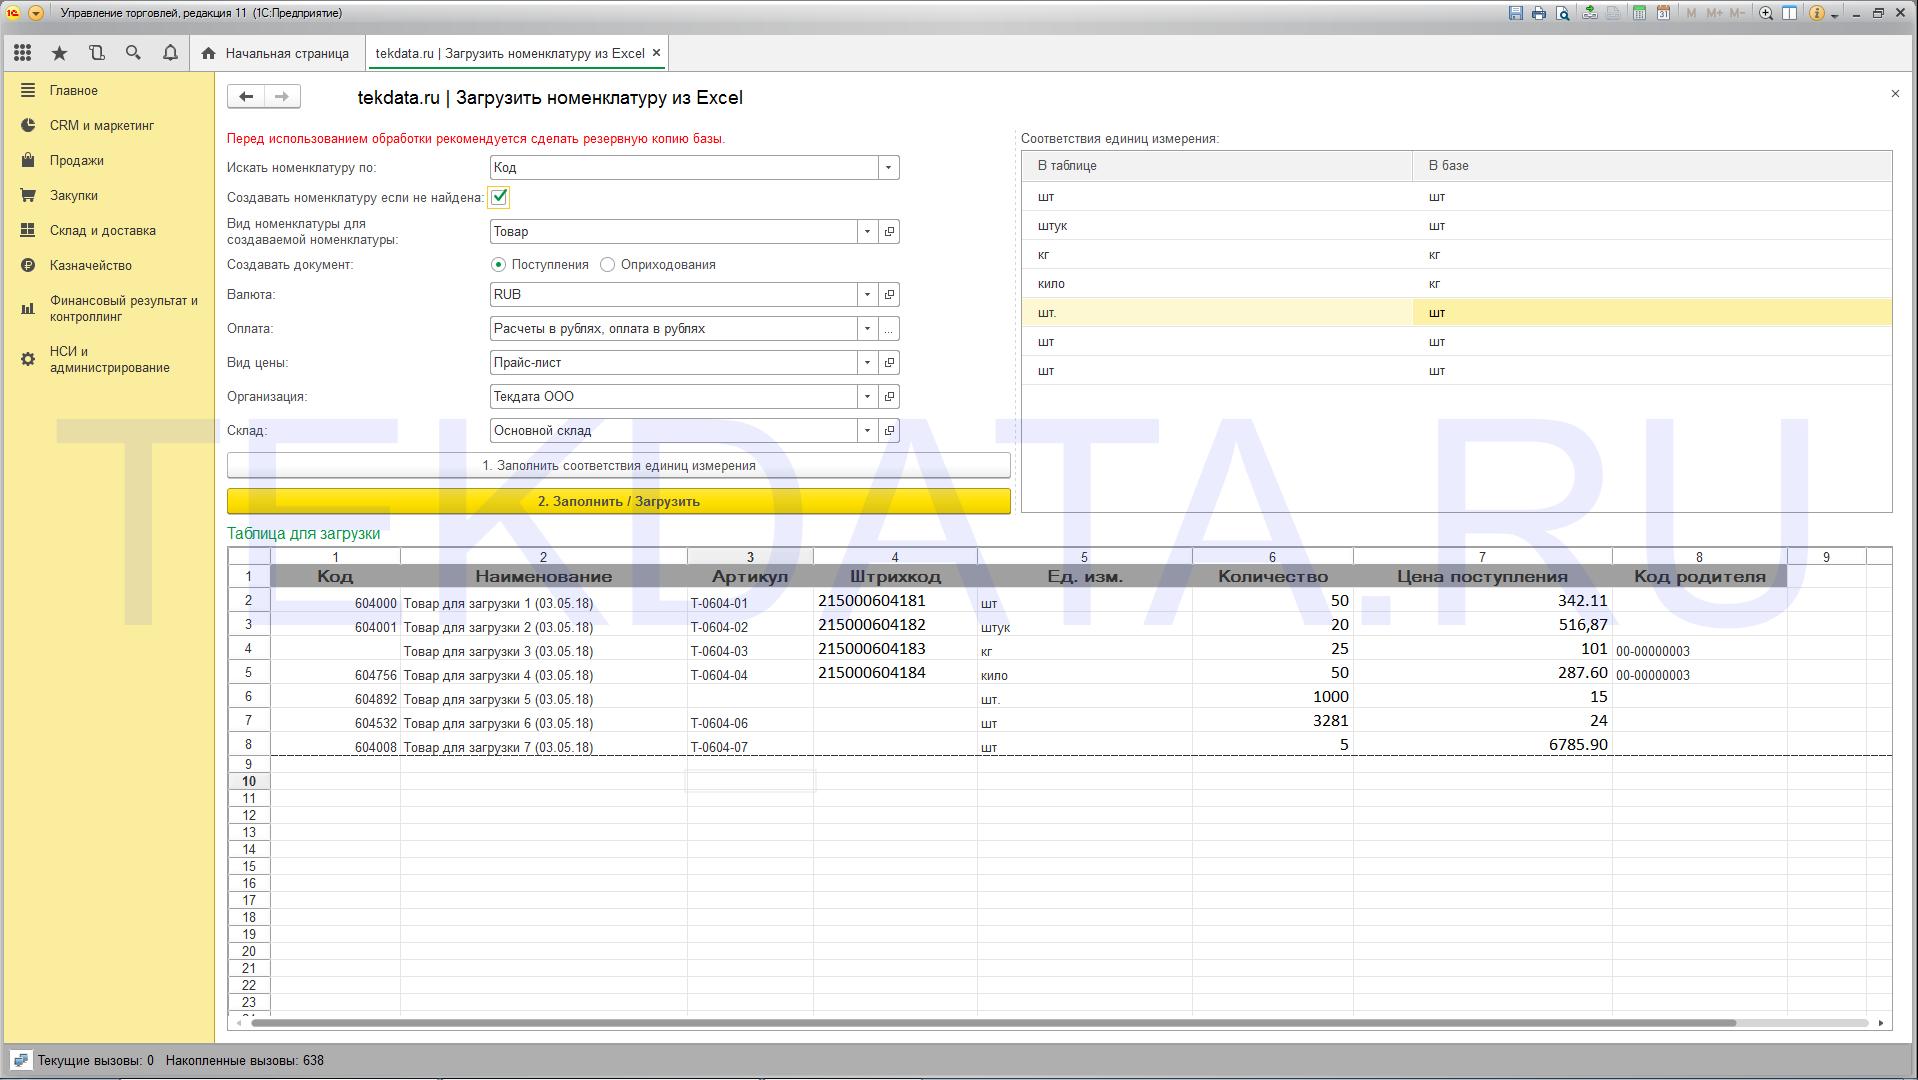 Загрузка номенклатуры, цен, остатков, документов приобретения или оприходования из Excel в 1С:УТ 11.4 (Внешняя обработка)